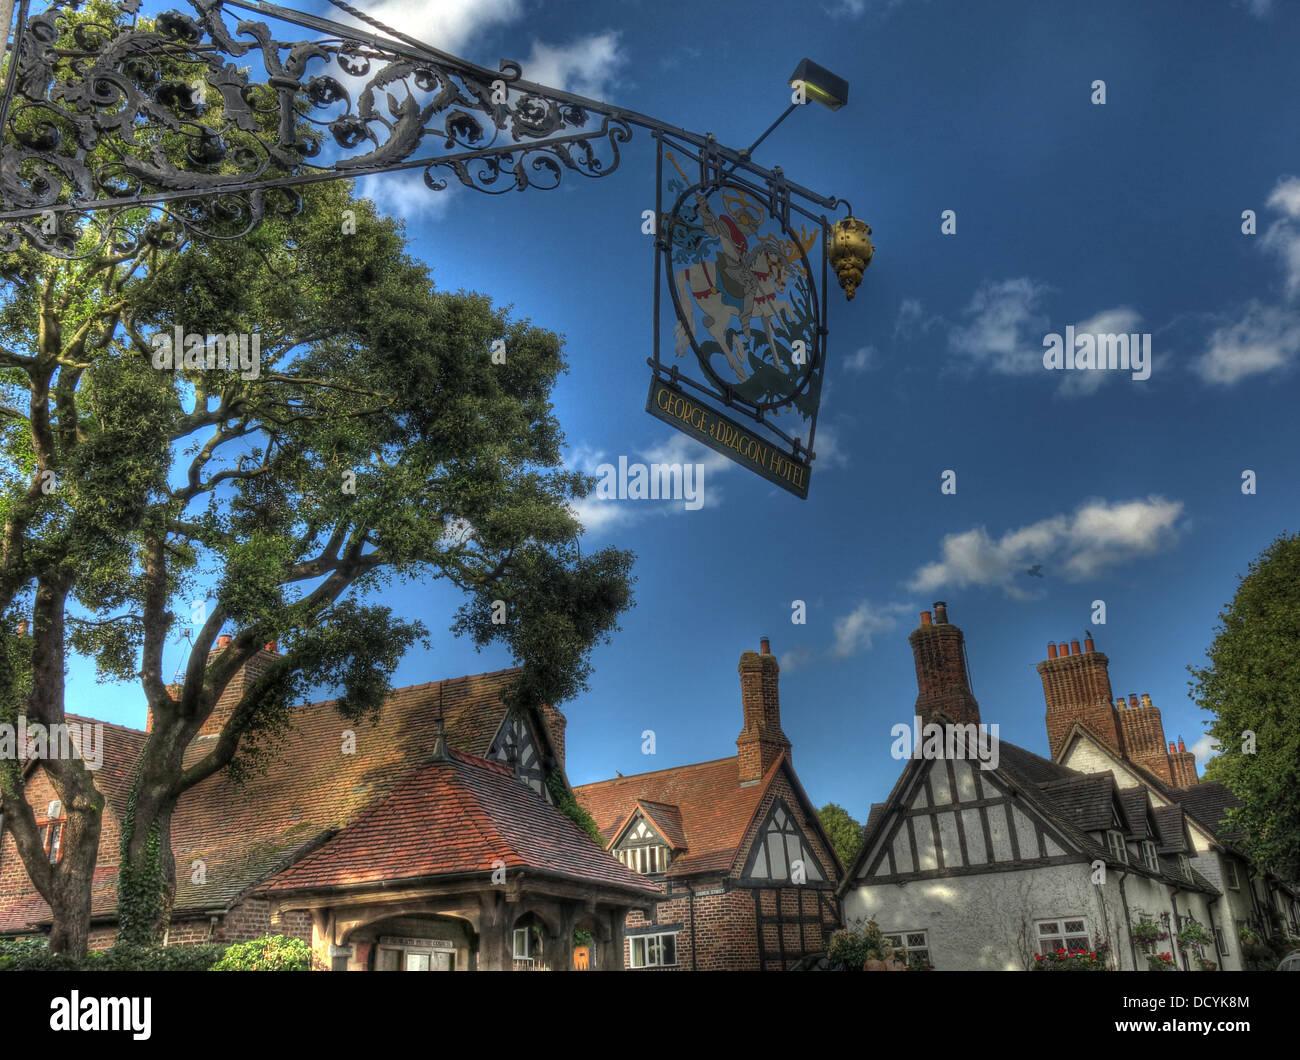 Dieses Stockfoto: George und Dragon Pub, Great Budworth Dorf, Cheshire, - DCYK8M